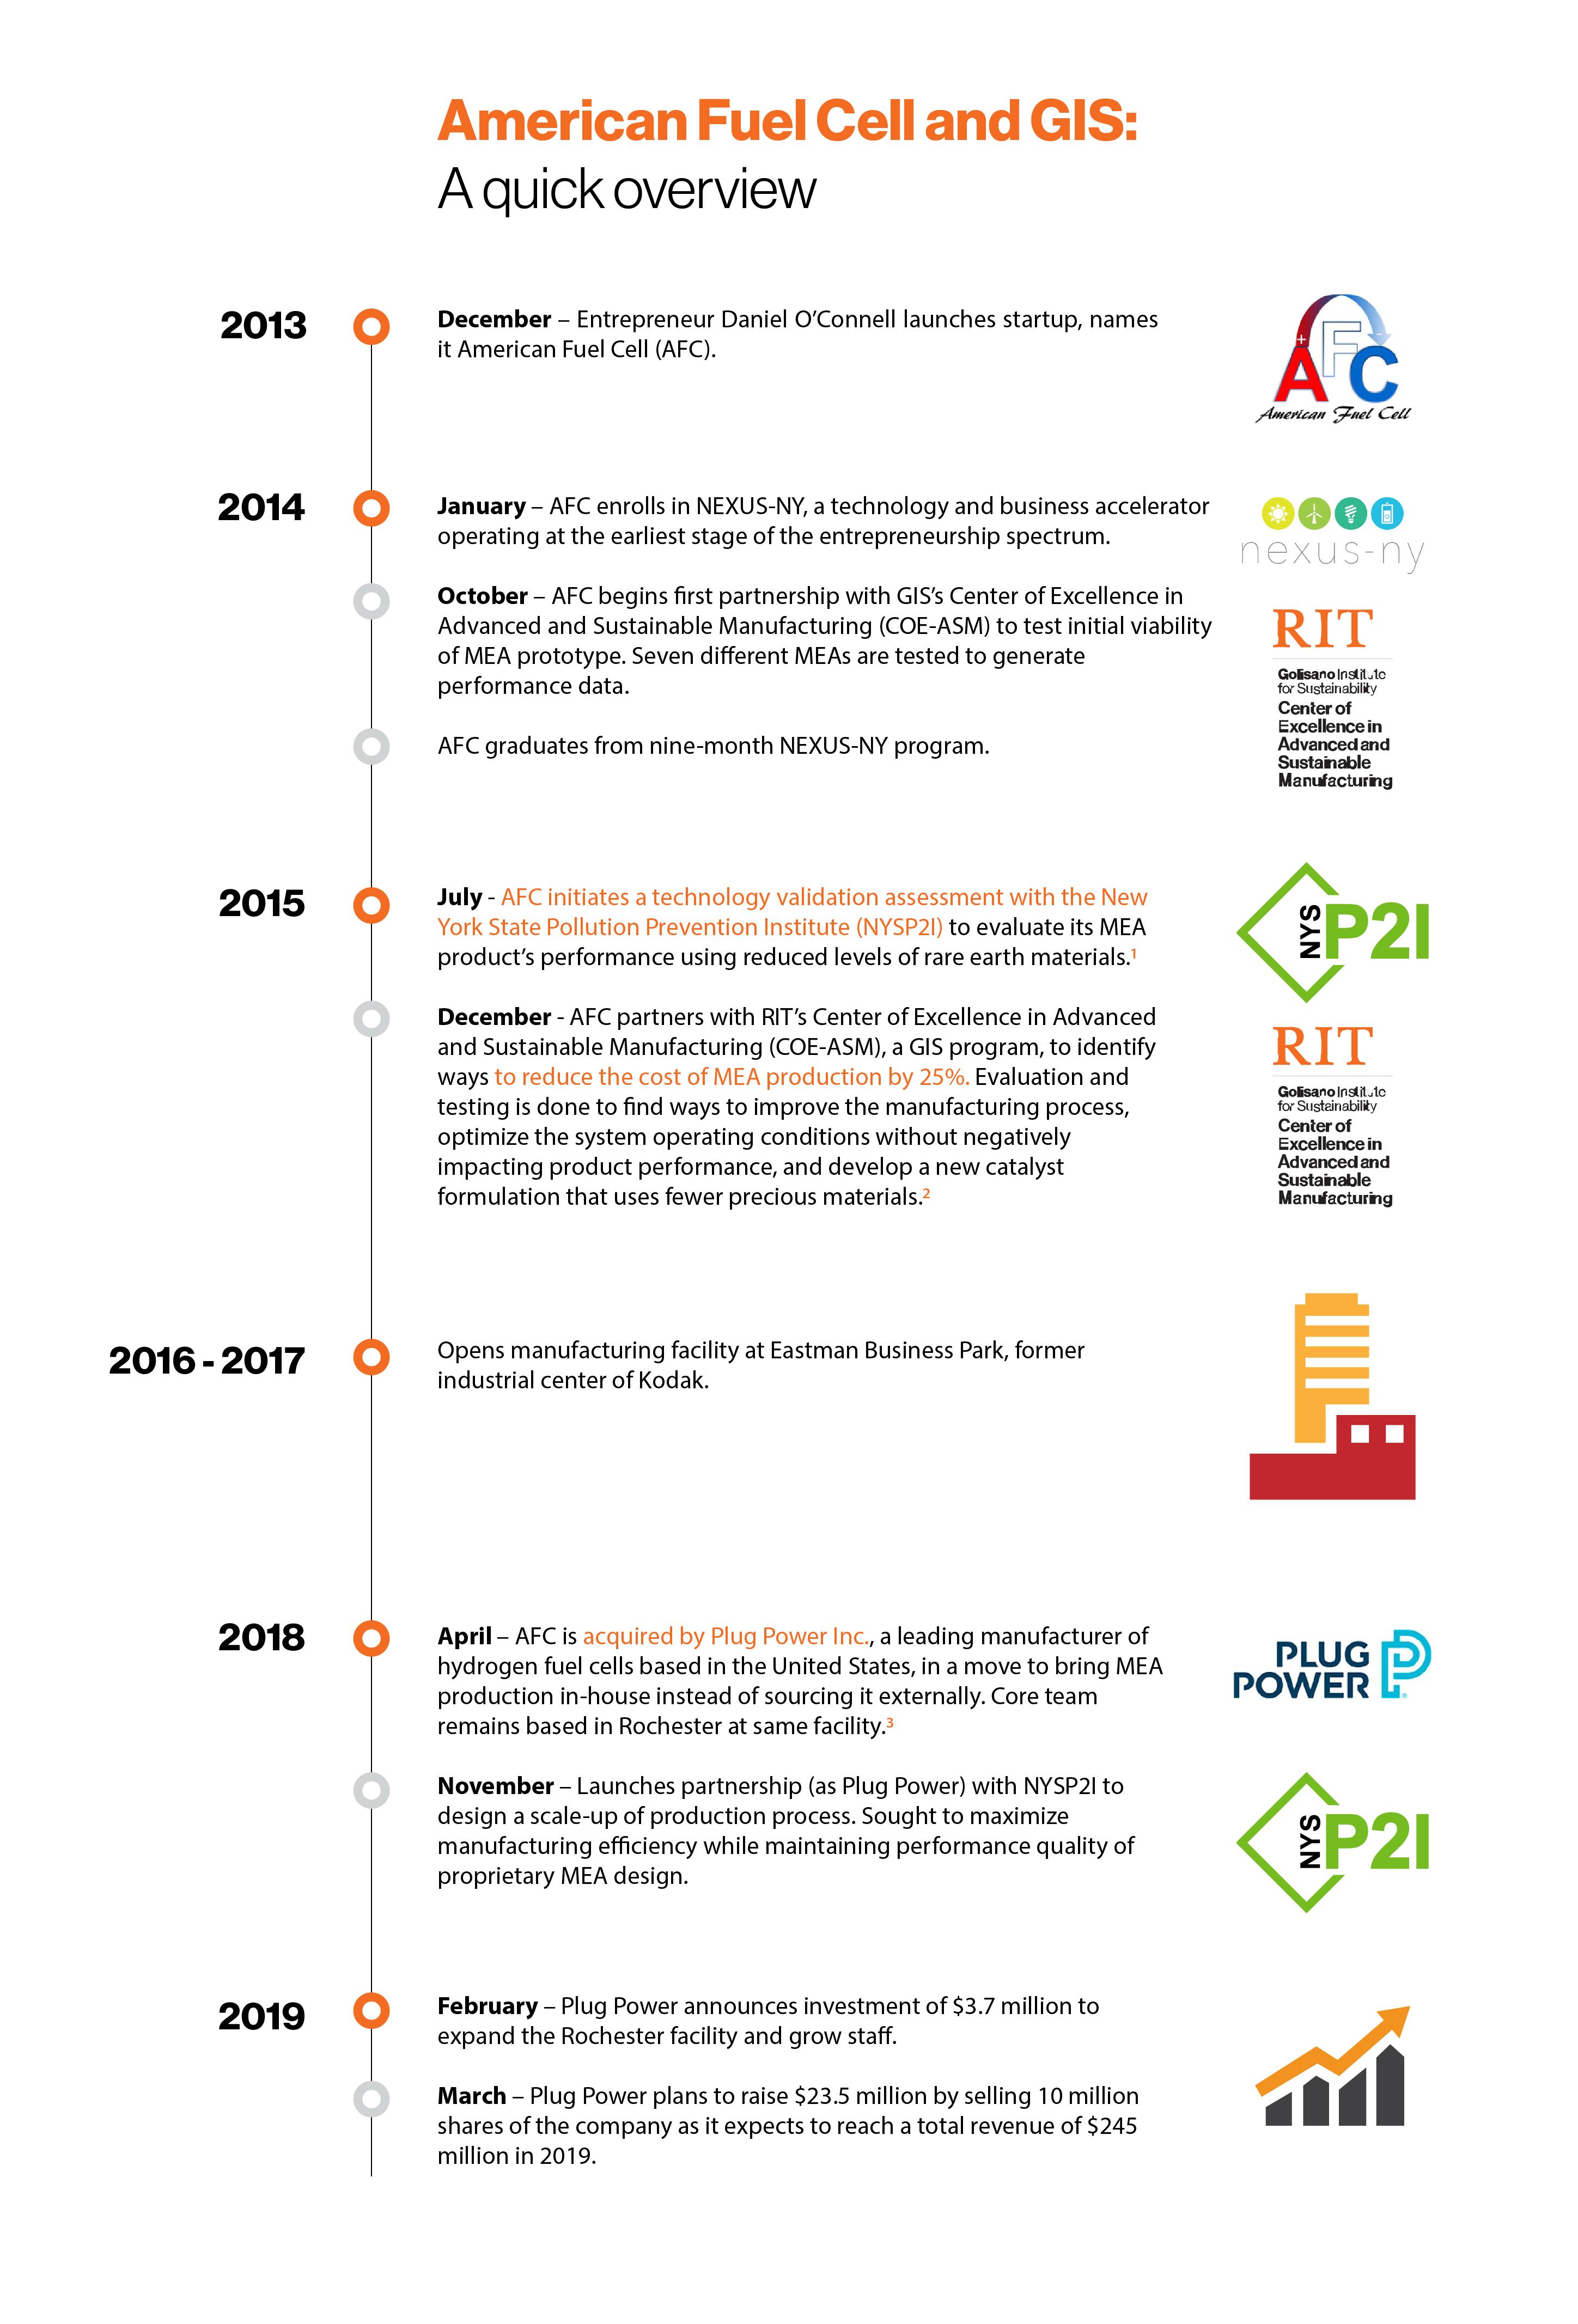 Plug Power company timeline